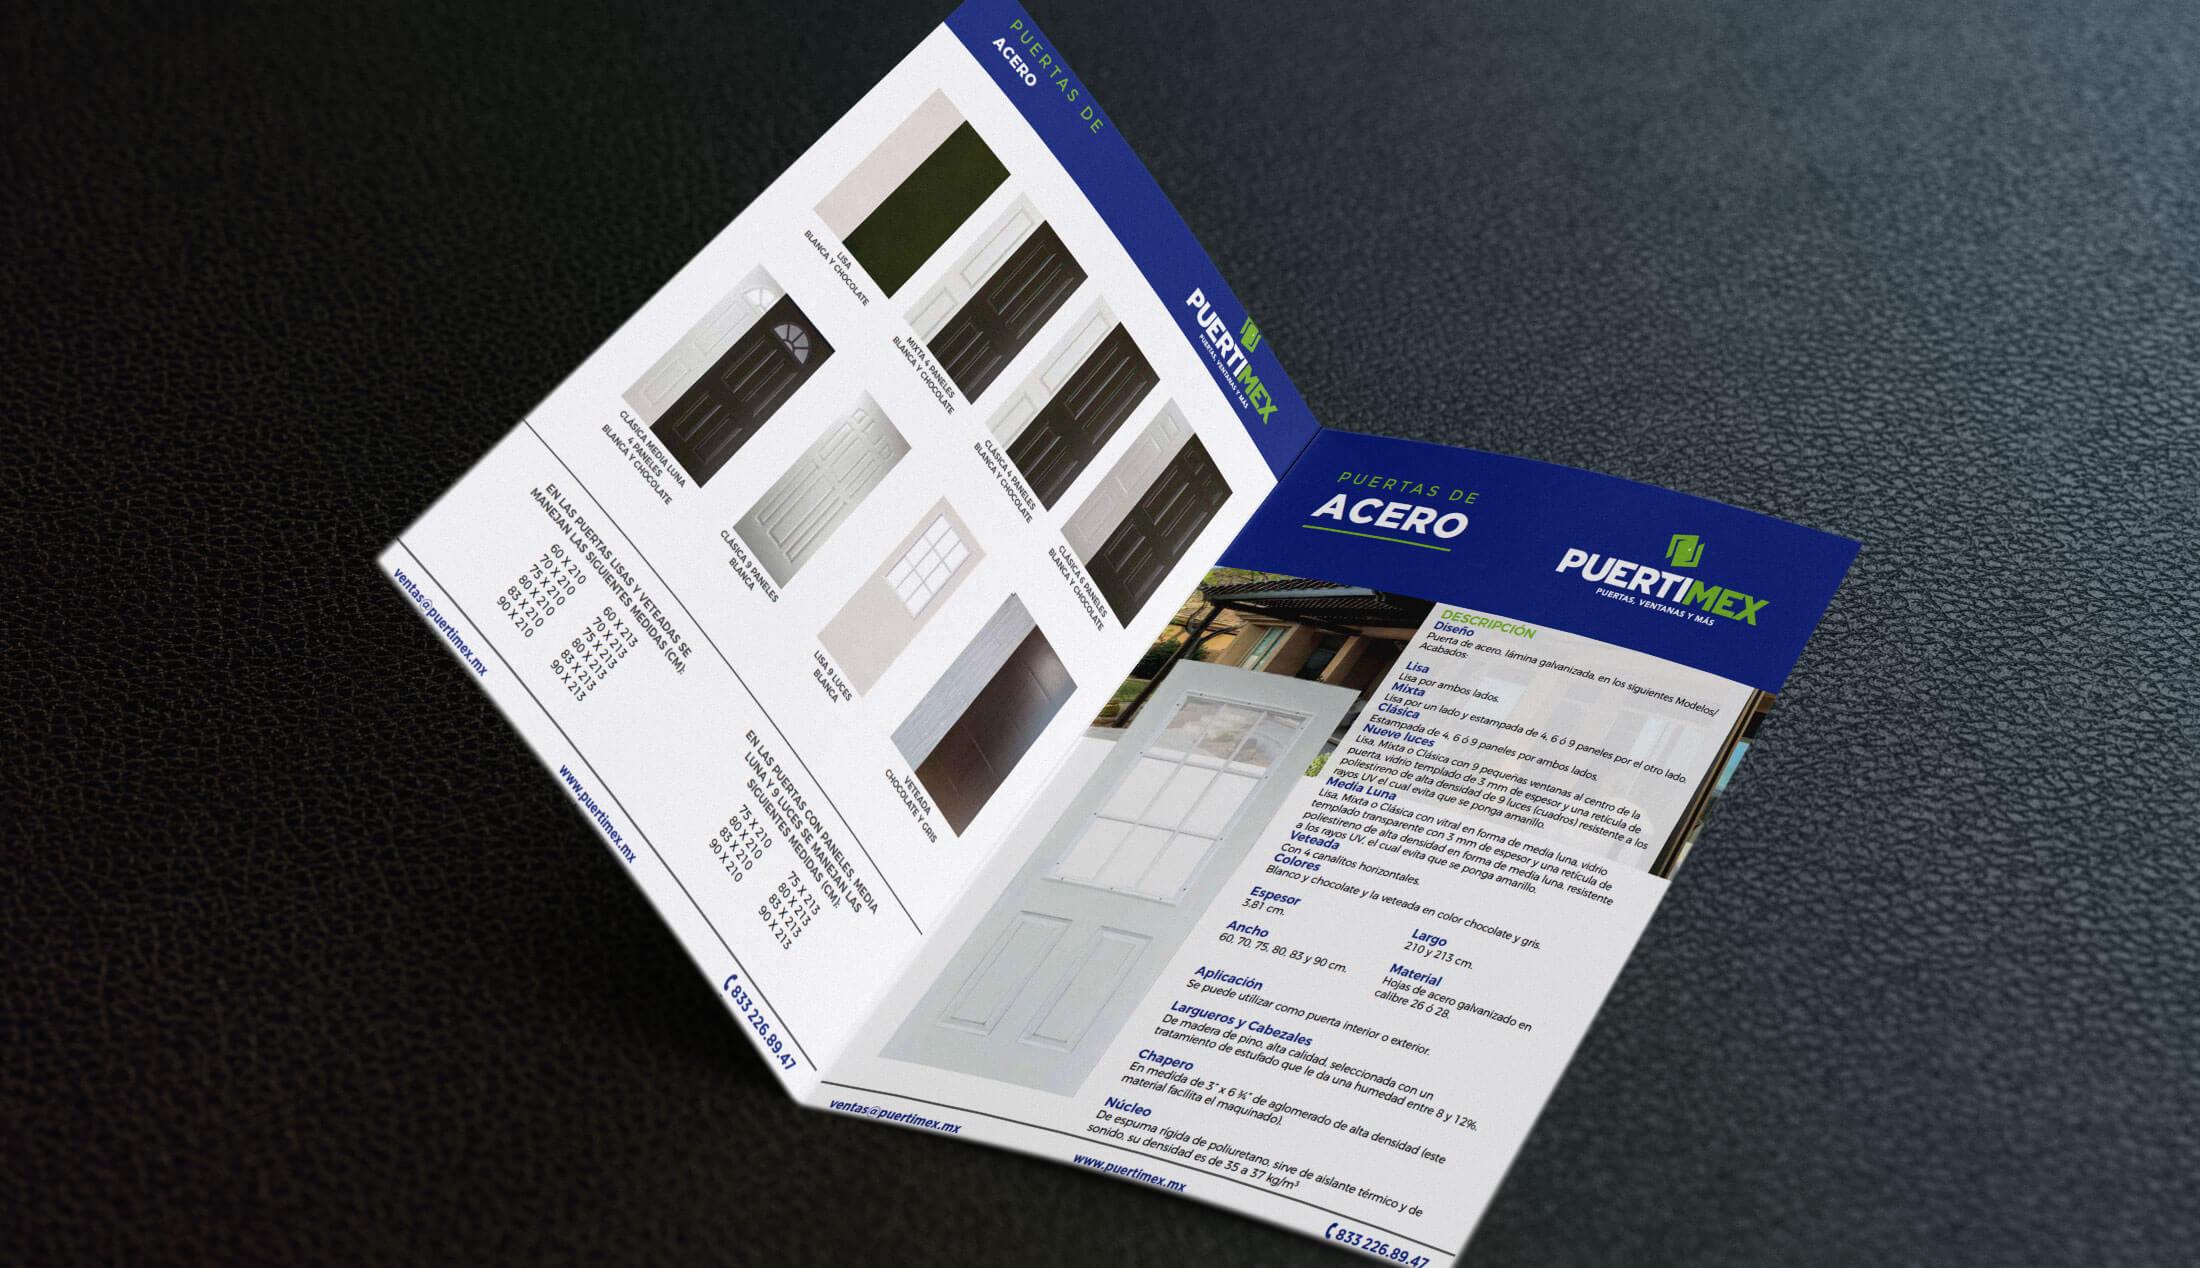 Diseño de catálogo de productos puertas Puertimex - Lilián Féres Agencia Creativa